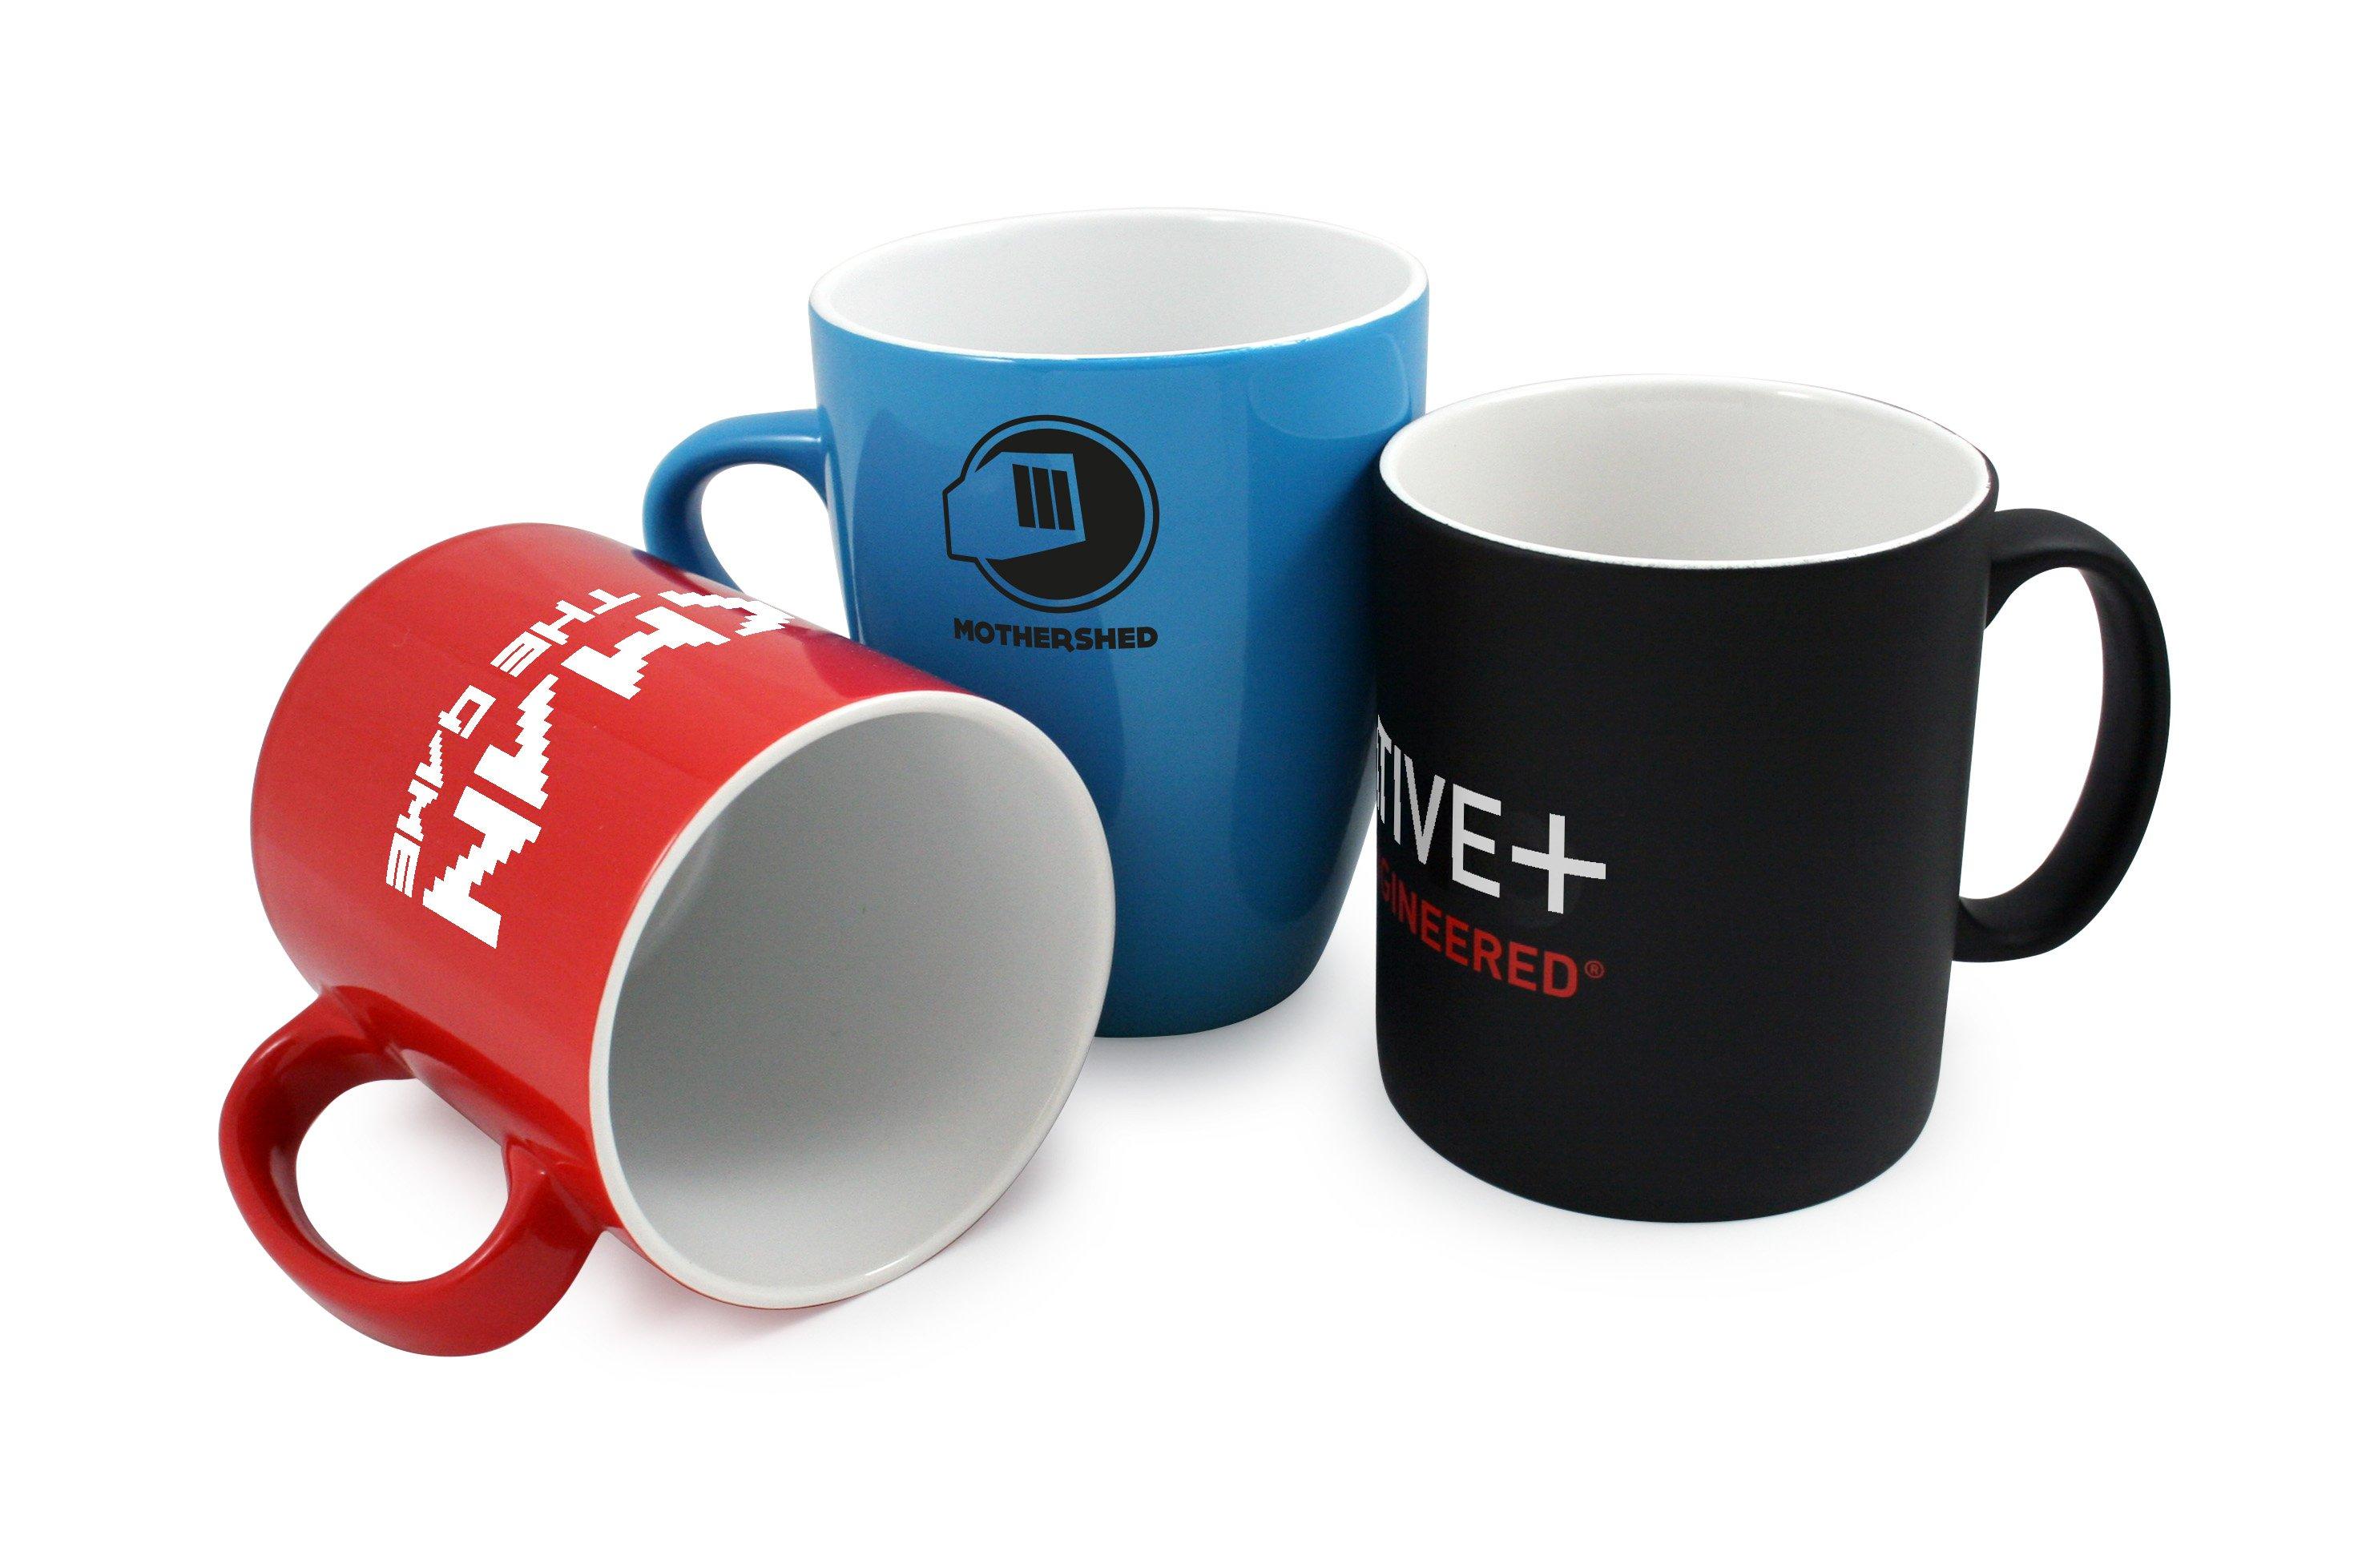 Pantone Matched Mugs